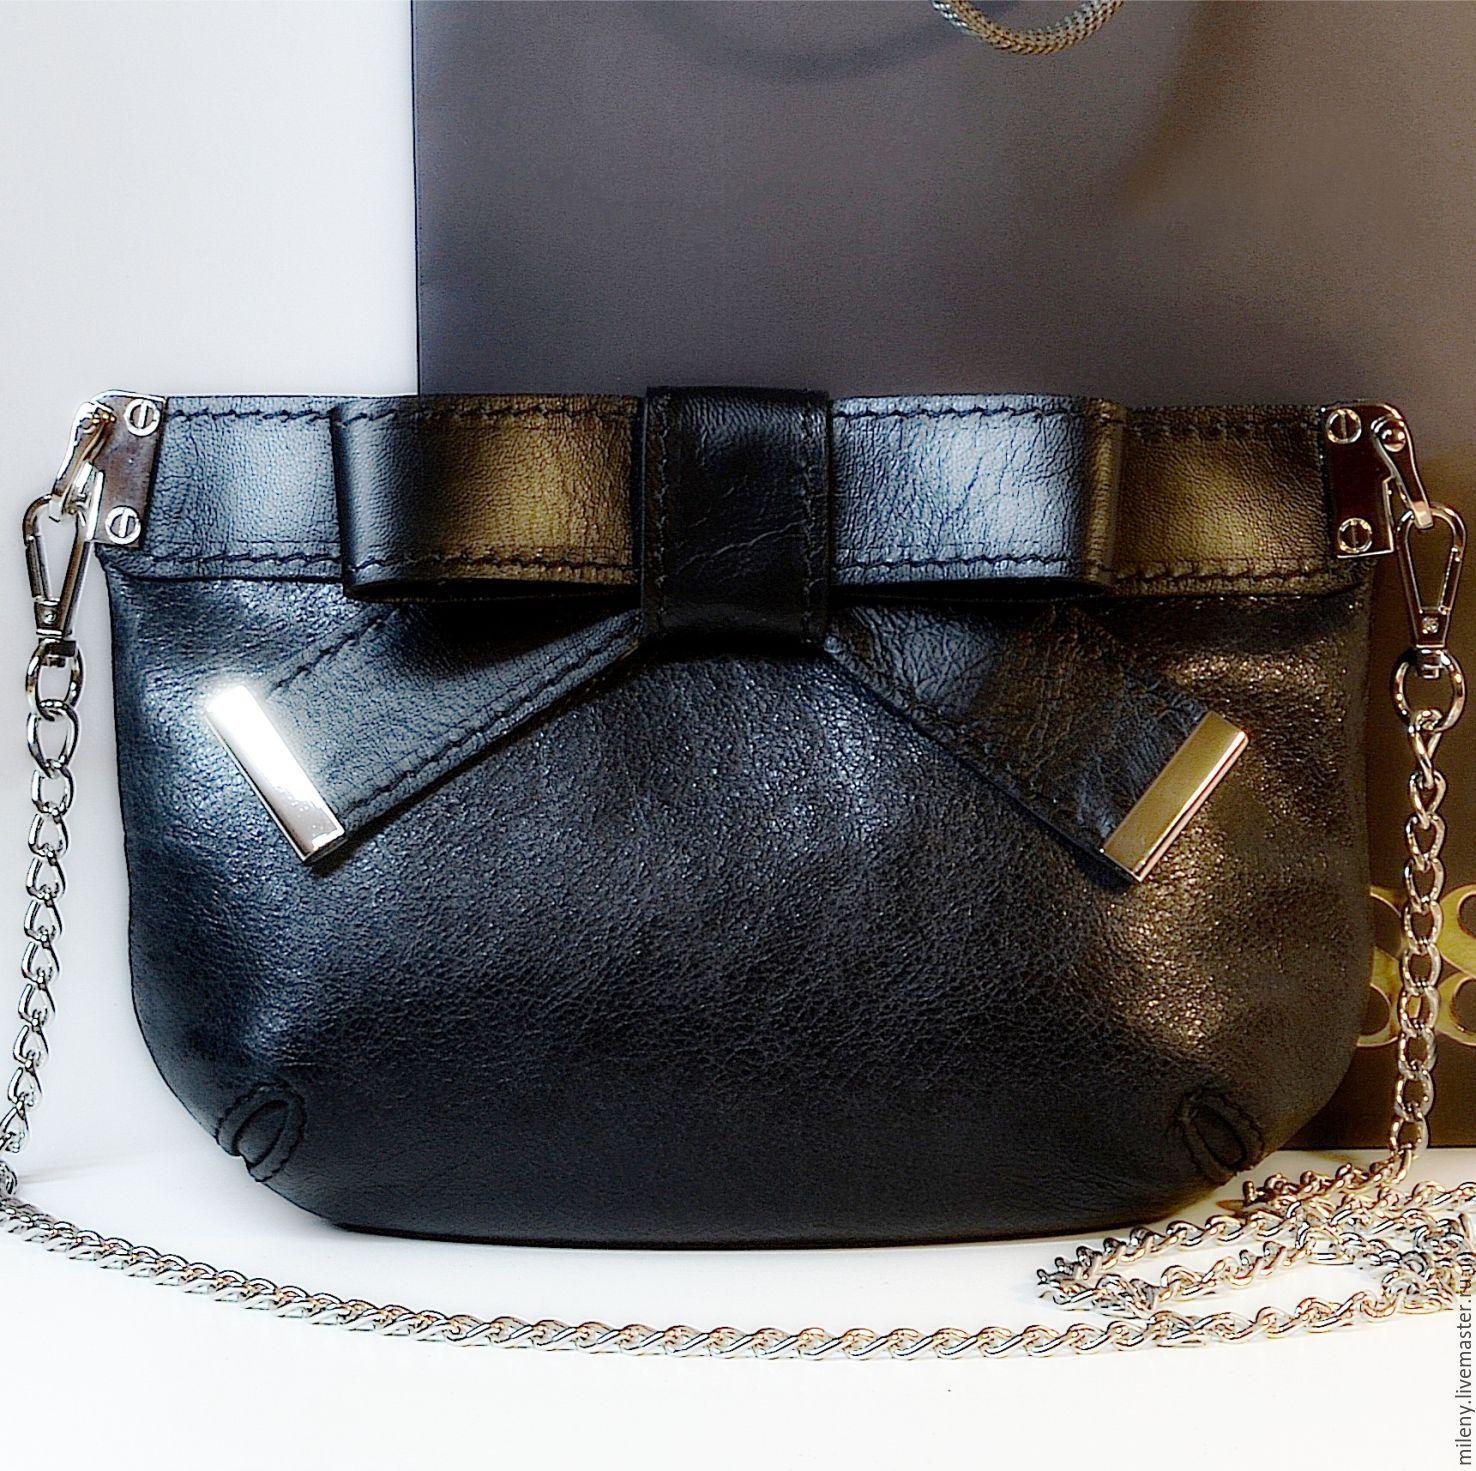 05984c3633f8 Сумка кожаная женская черная.Маленькая сумочка через плечо на цепочке